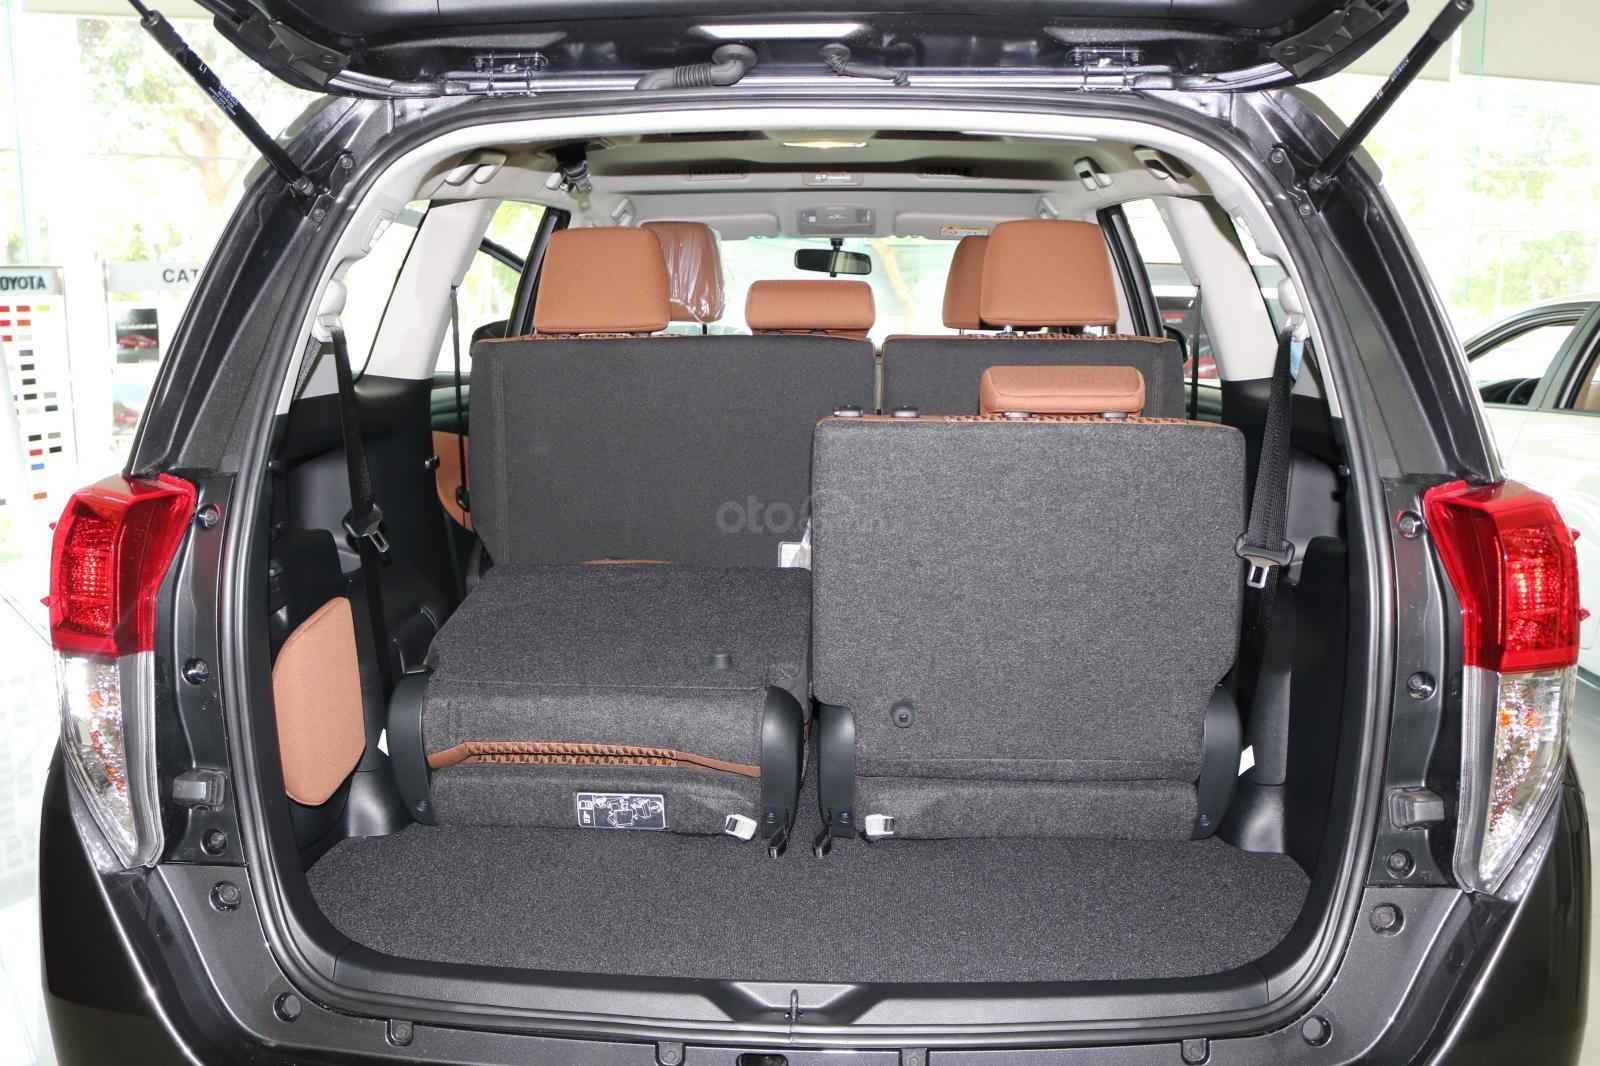 Toyota Innova 2.0E số sàn, đủ màu, giao ngay, khuyến mãi khủng-7